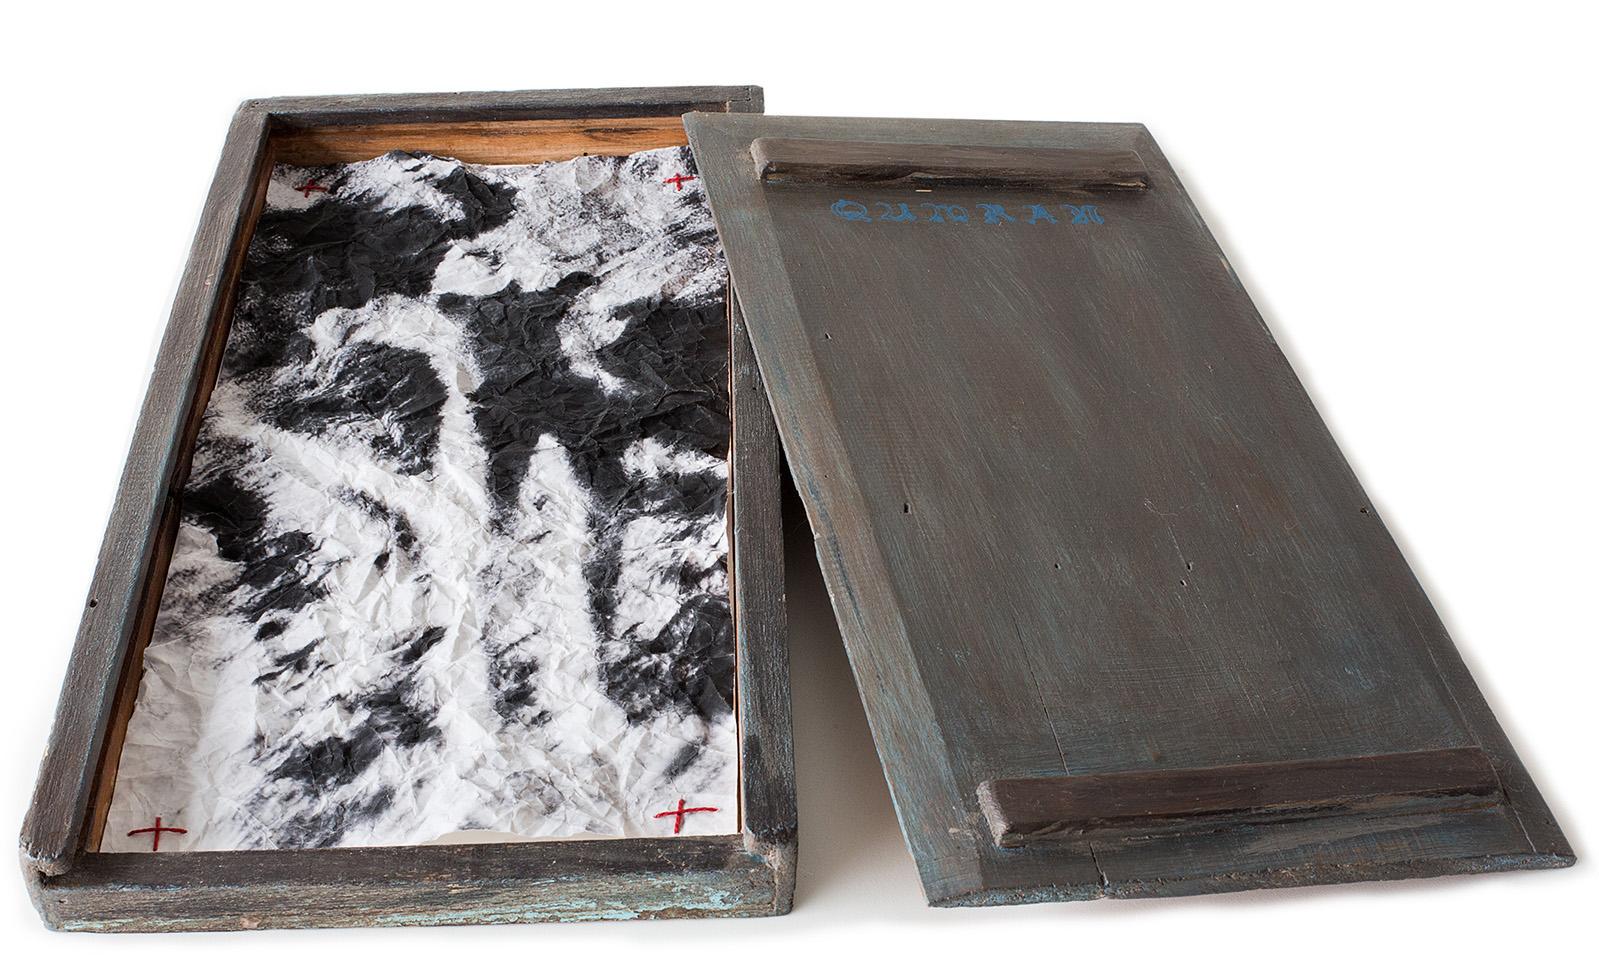 Coleção de Incertezas.  Desejo de ver . Cianotipia, pigmento mineral em papel arroz, costura, caixa de madeira, carimbo. 40x20x3cm